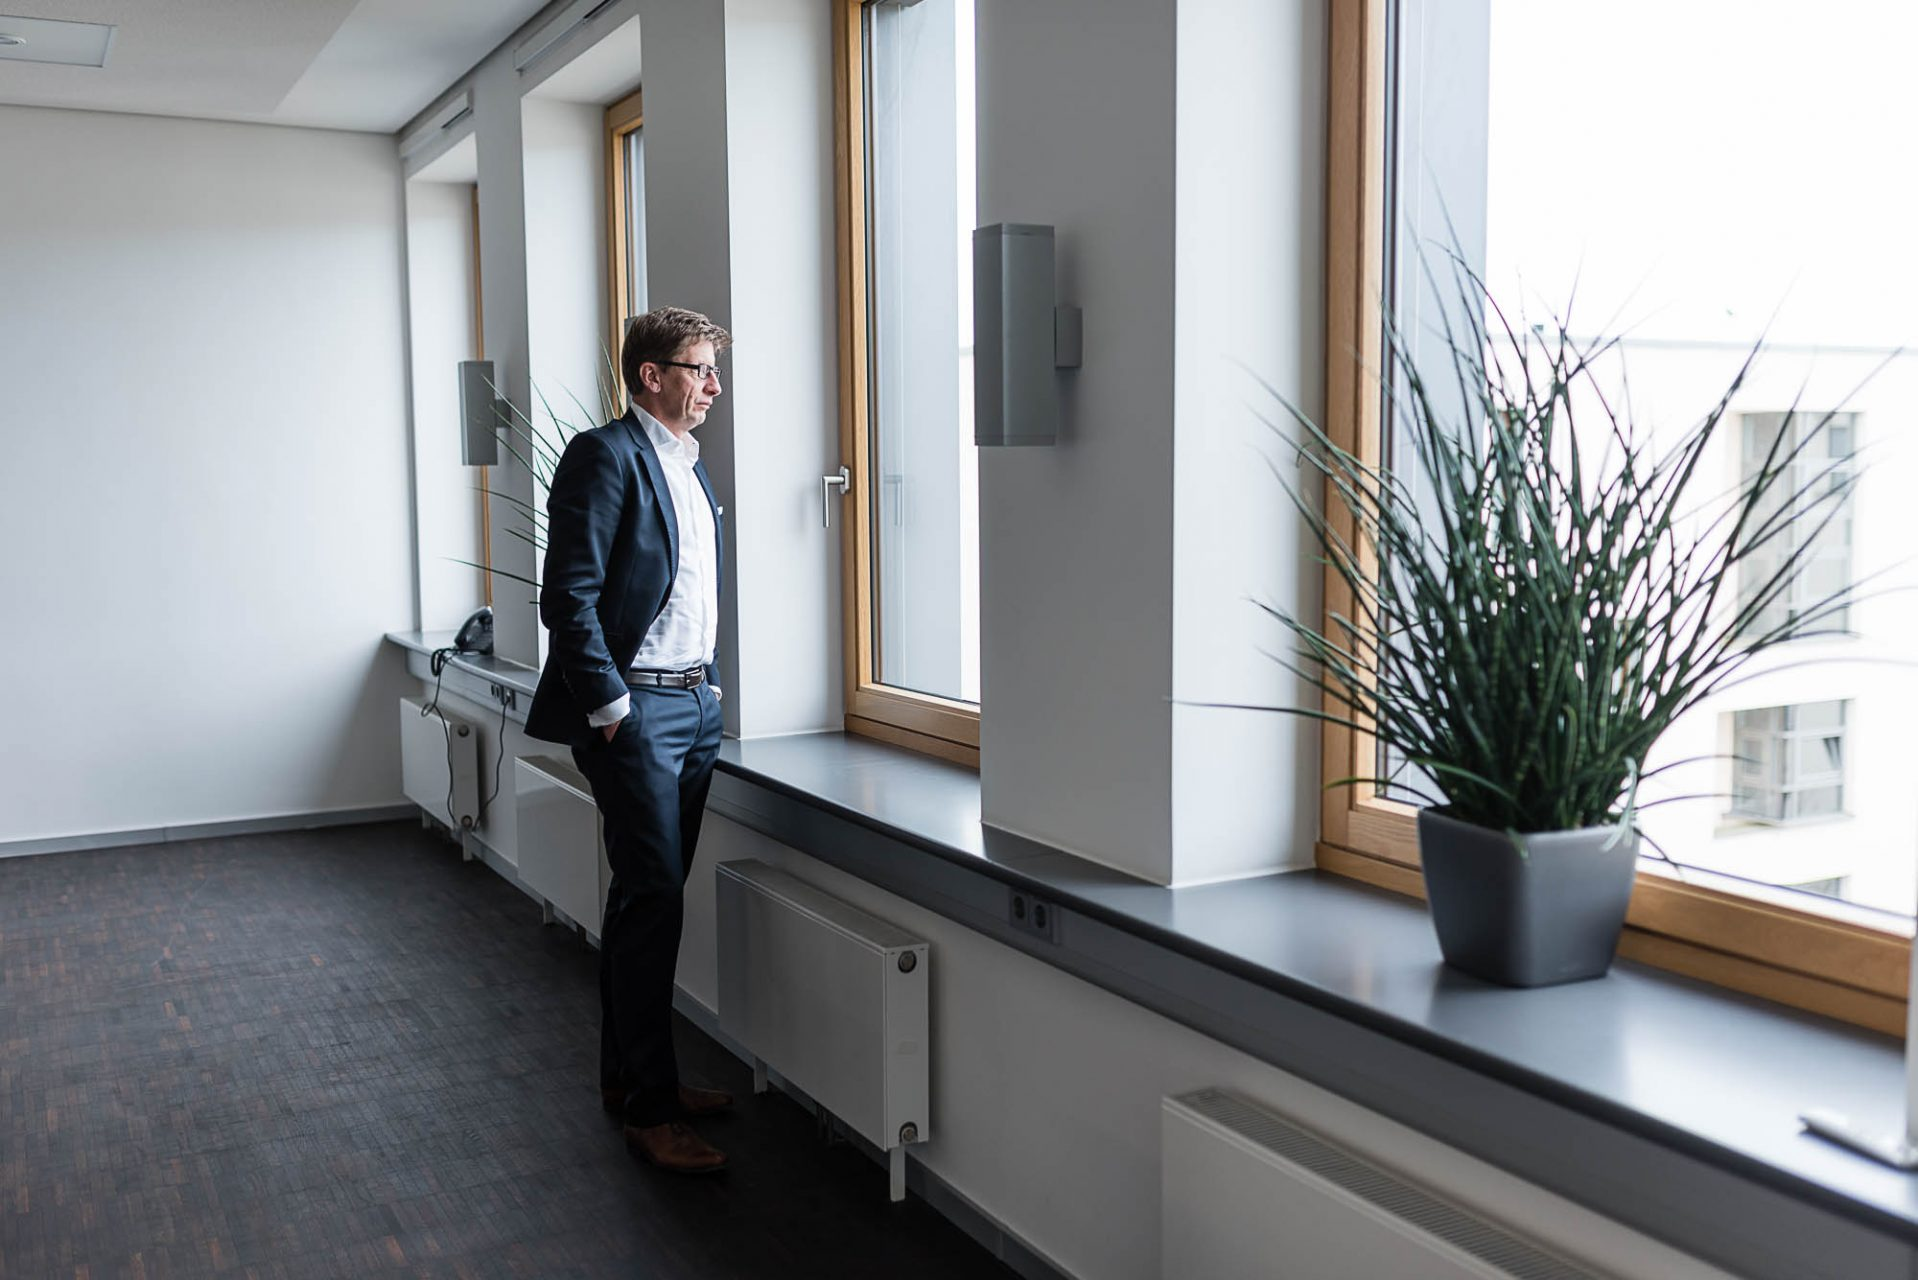 12.02.2016 Hannover: meravis Geschäftsführer Matthias Herter